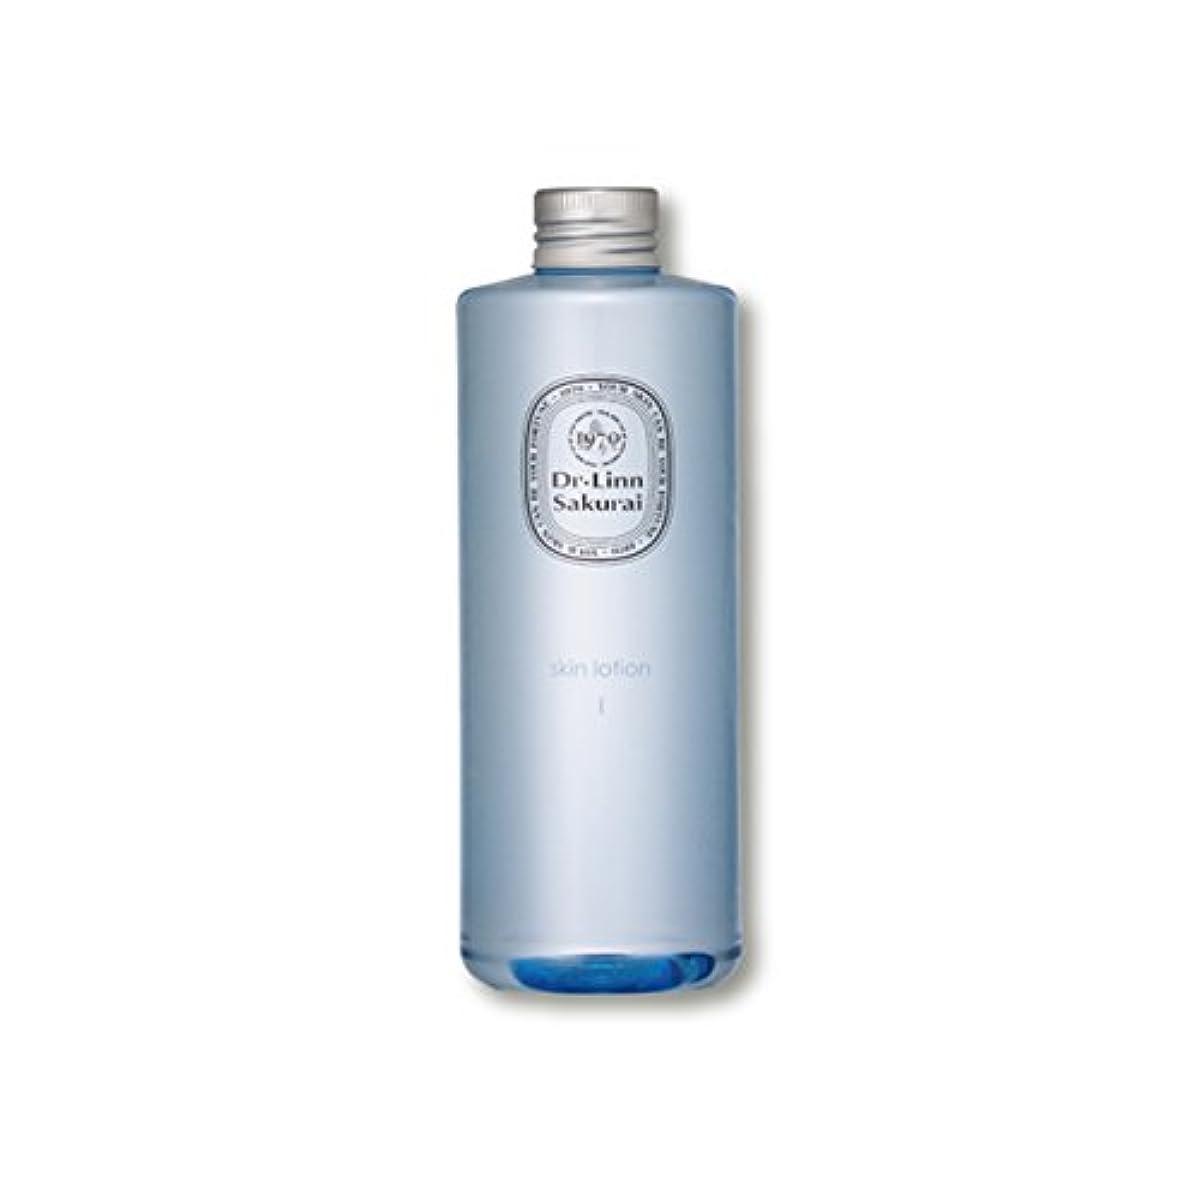 四回蒸留するブローホールドクターリンサクライ スキンローションI さっぱりタイプ 300ml  (化粧水)